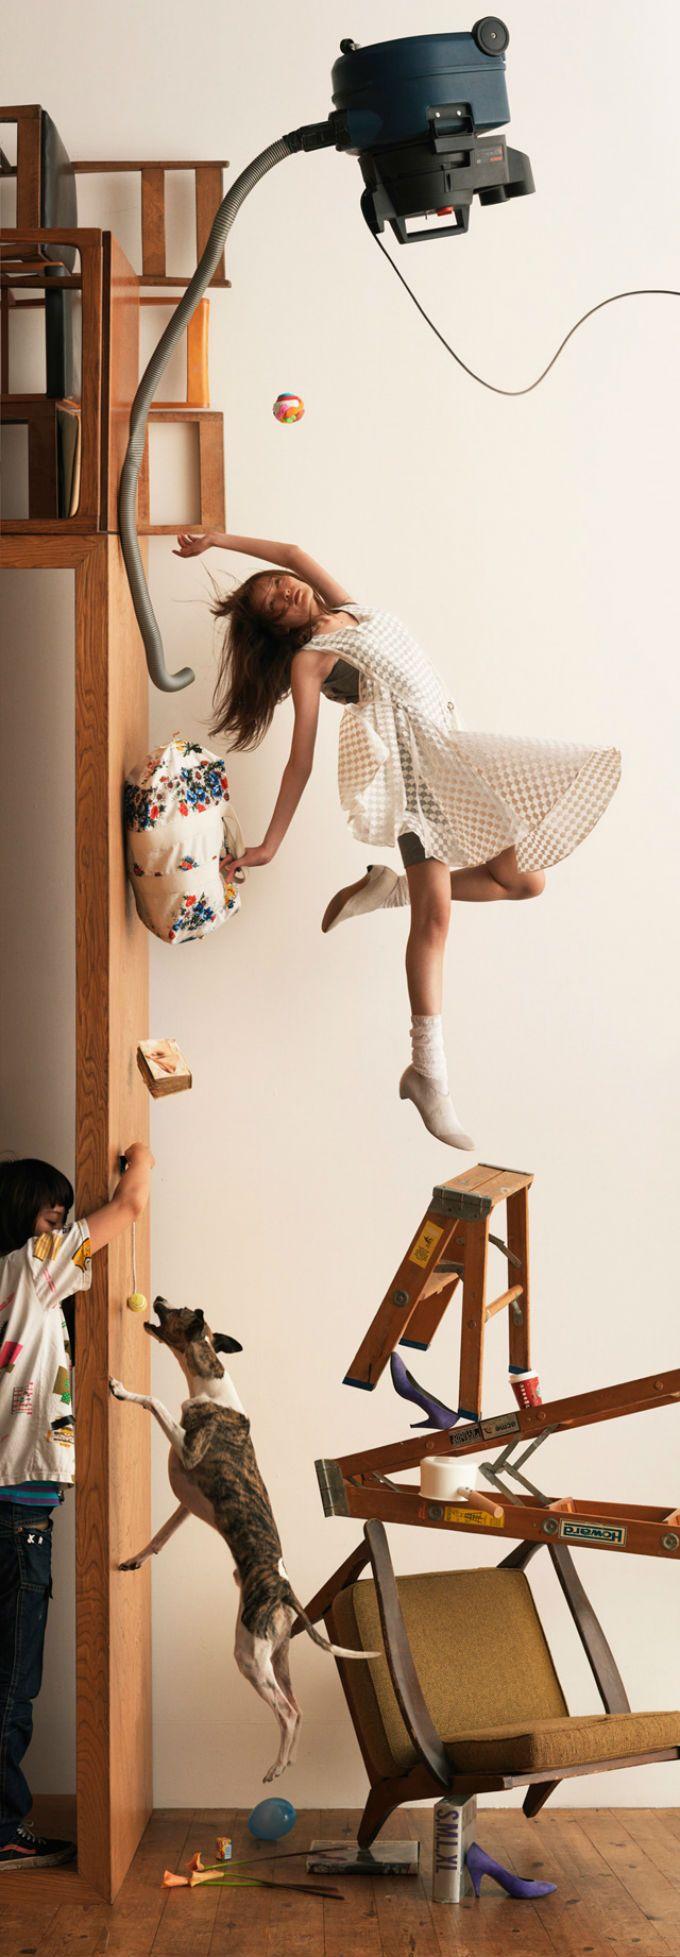 #Fotodeldia : Sin título por NAM http://doze-mag.com/index.php/noticias/foto/foto-del-dia/1454-nam2 @Kacey Randolph Randolph Mag #crazy #friday